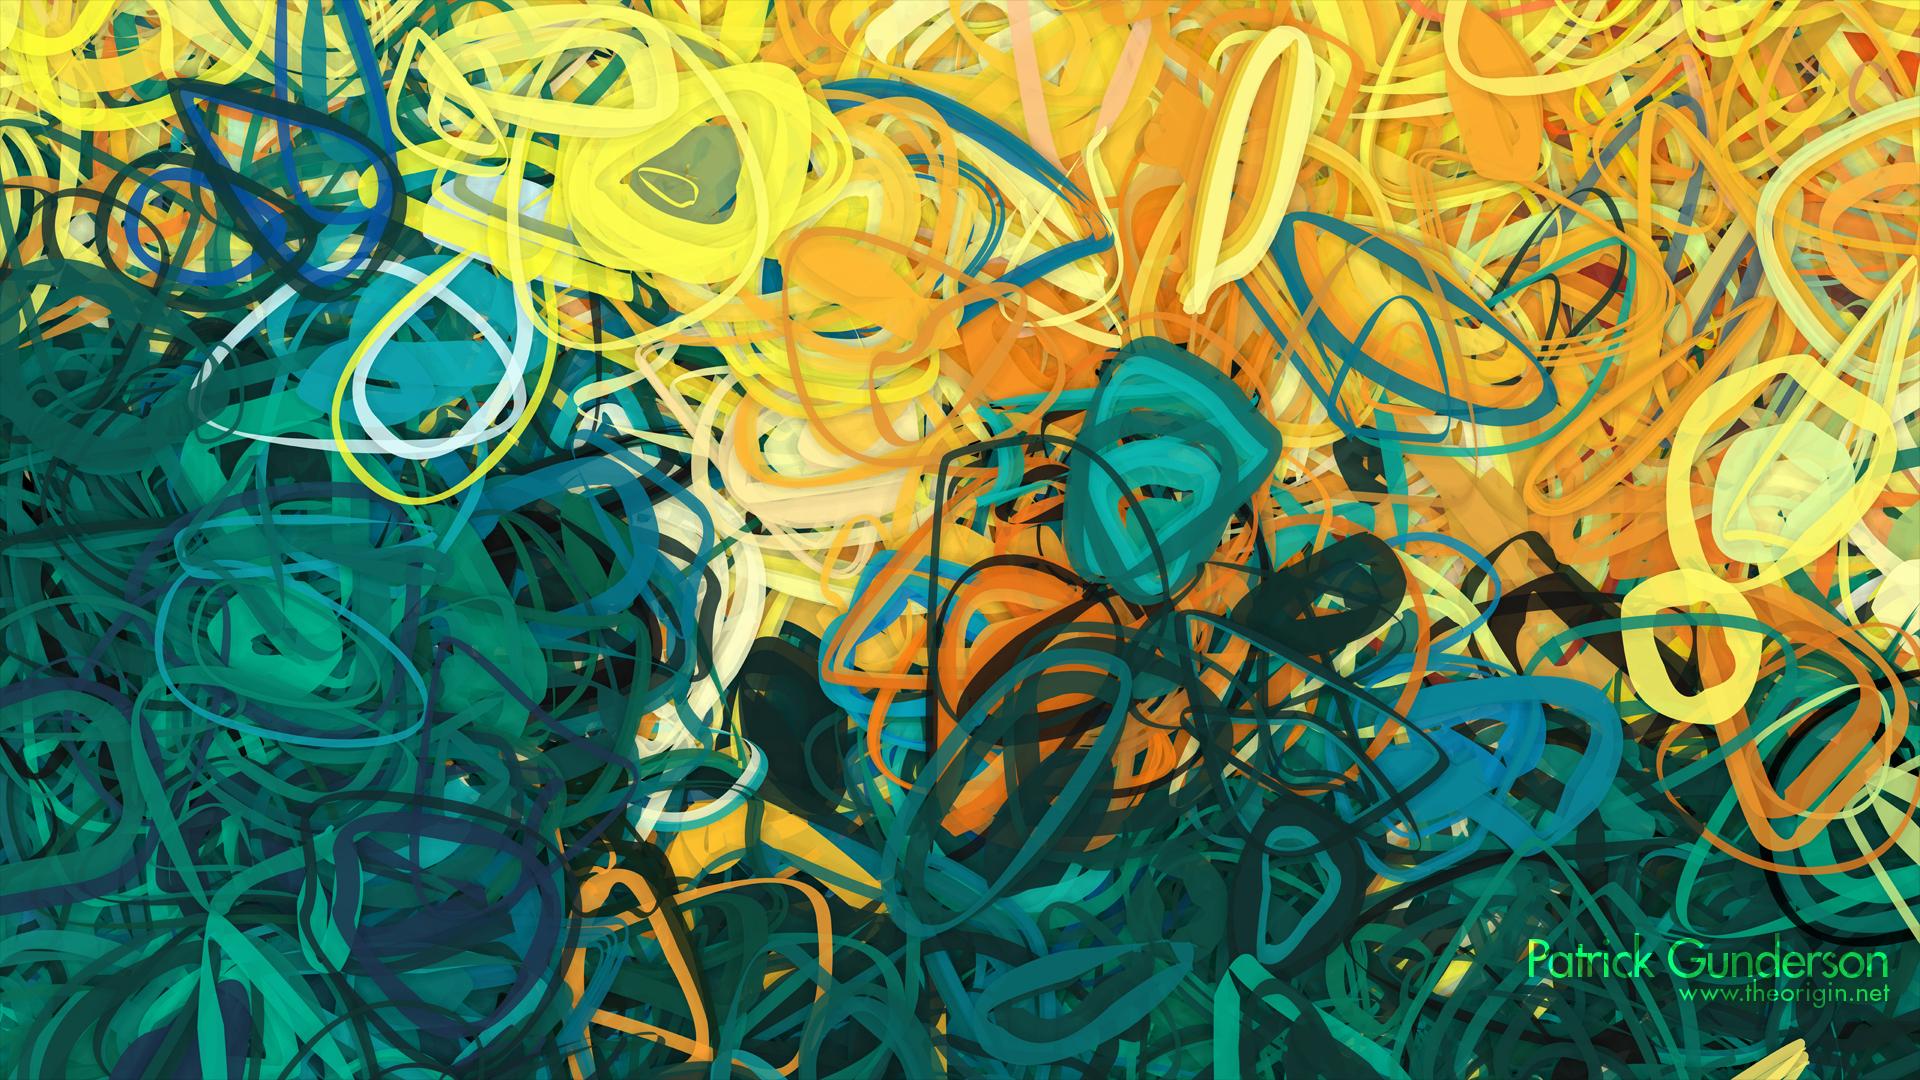 Lineas circulares abstracto - 1920x1080